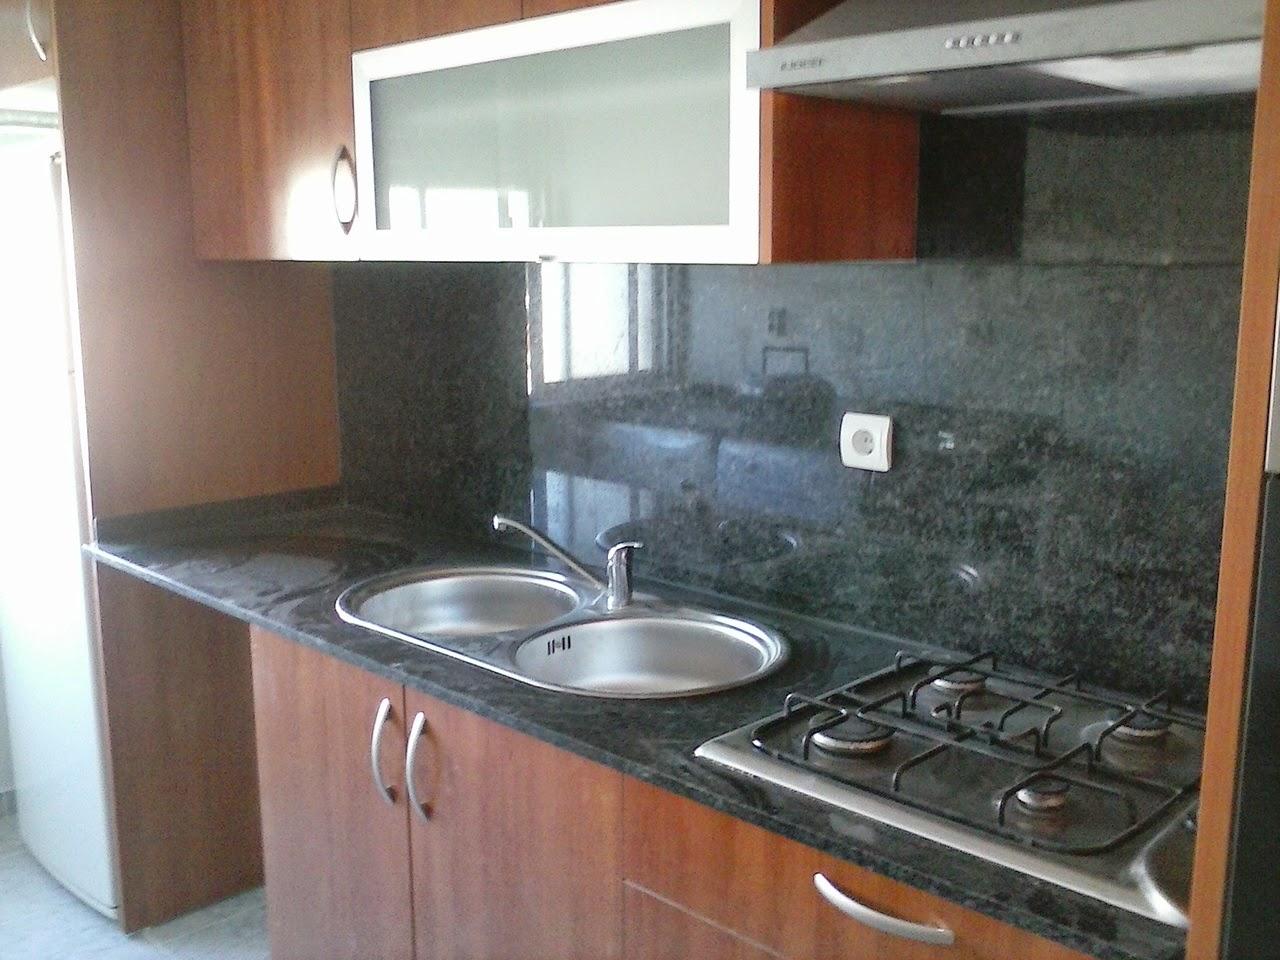 seu lar !®: Remodelação de uma cozinha corredor e sala no Cacém #865E45 1280 960